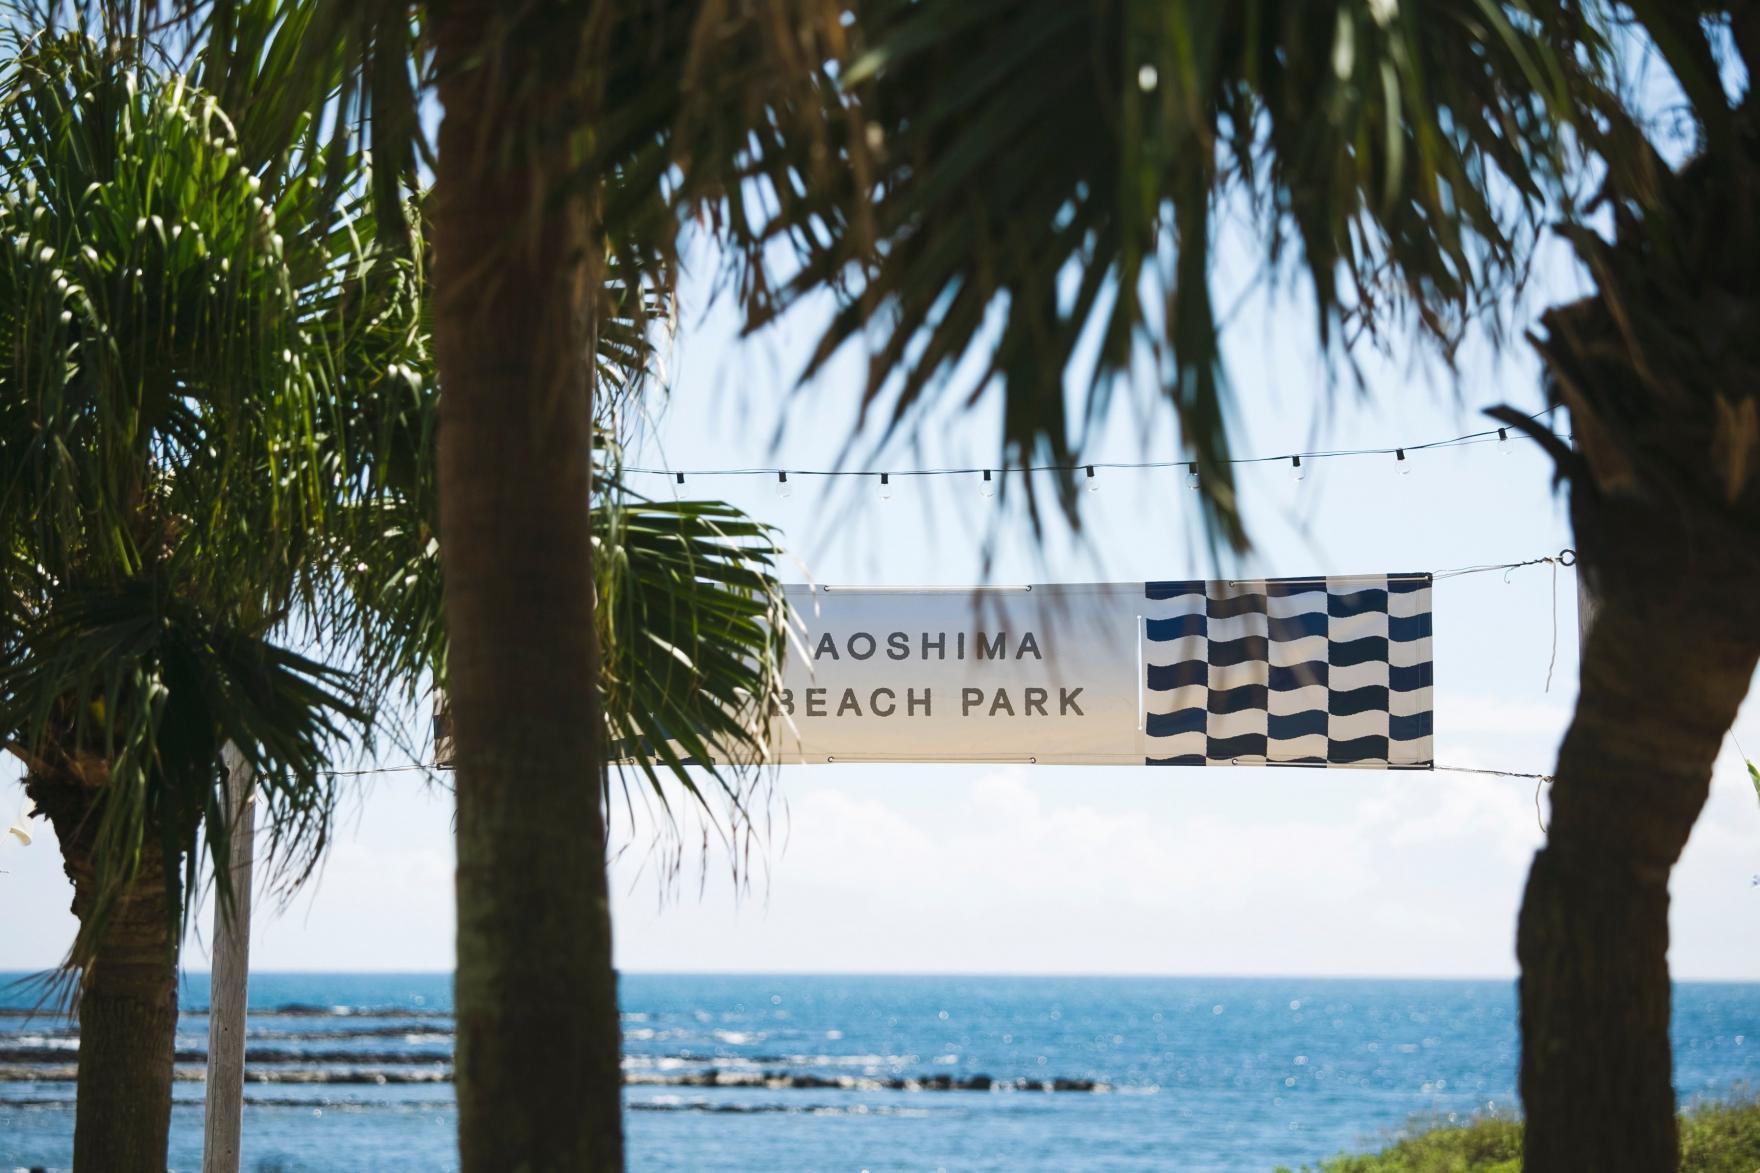 青岛海滩公园-0